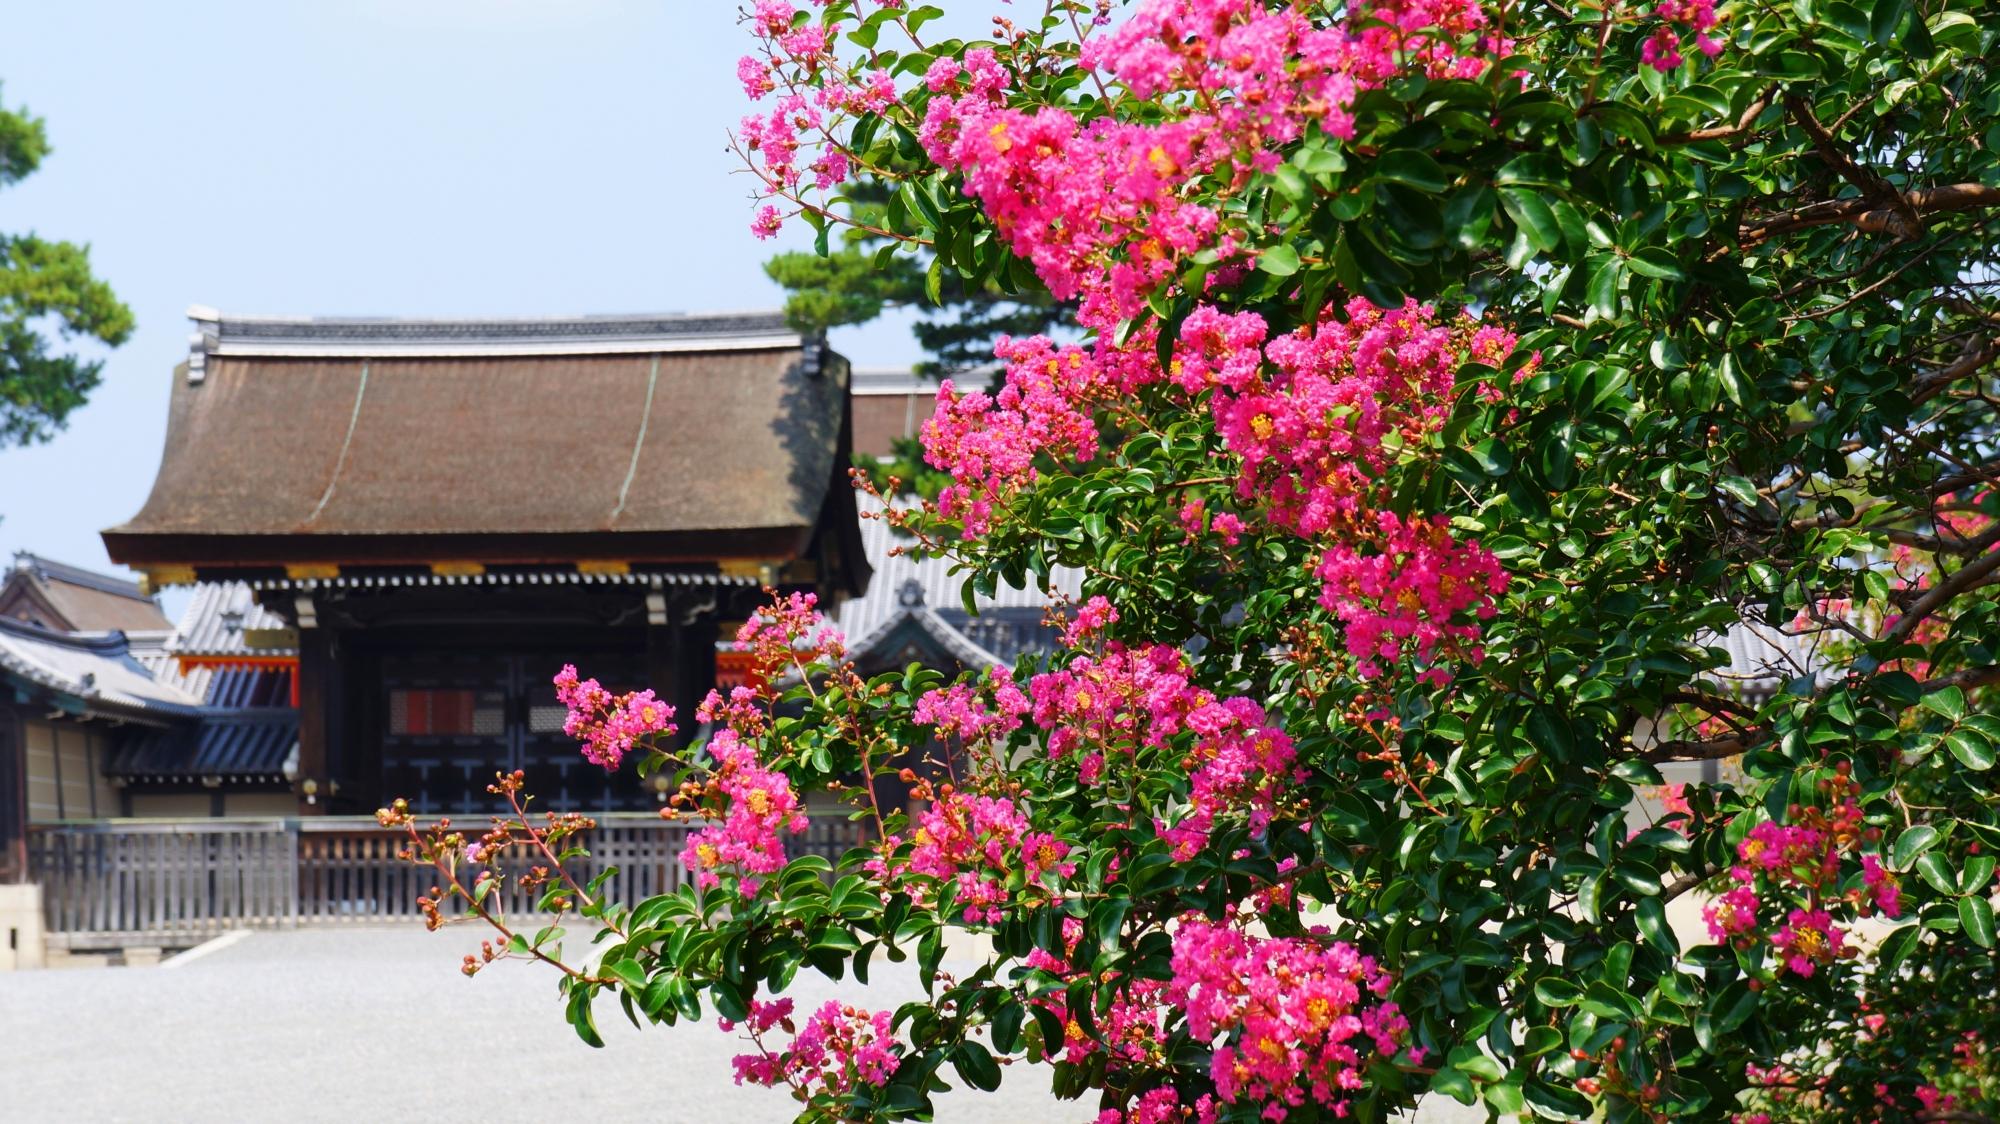 京都御所の建礼門を彩る美しいピンクの百日紅